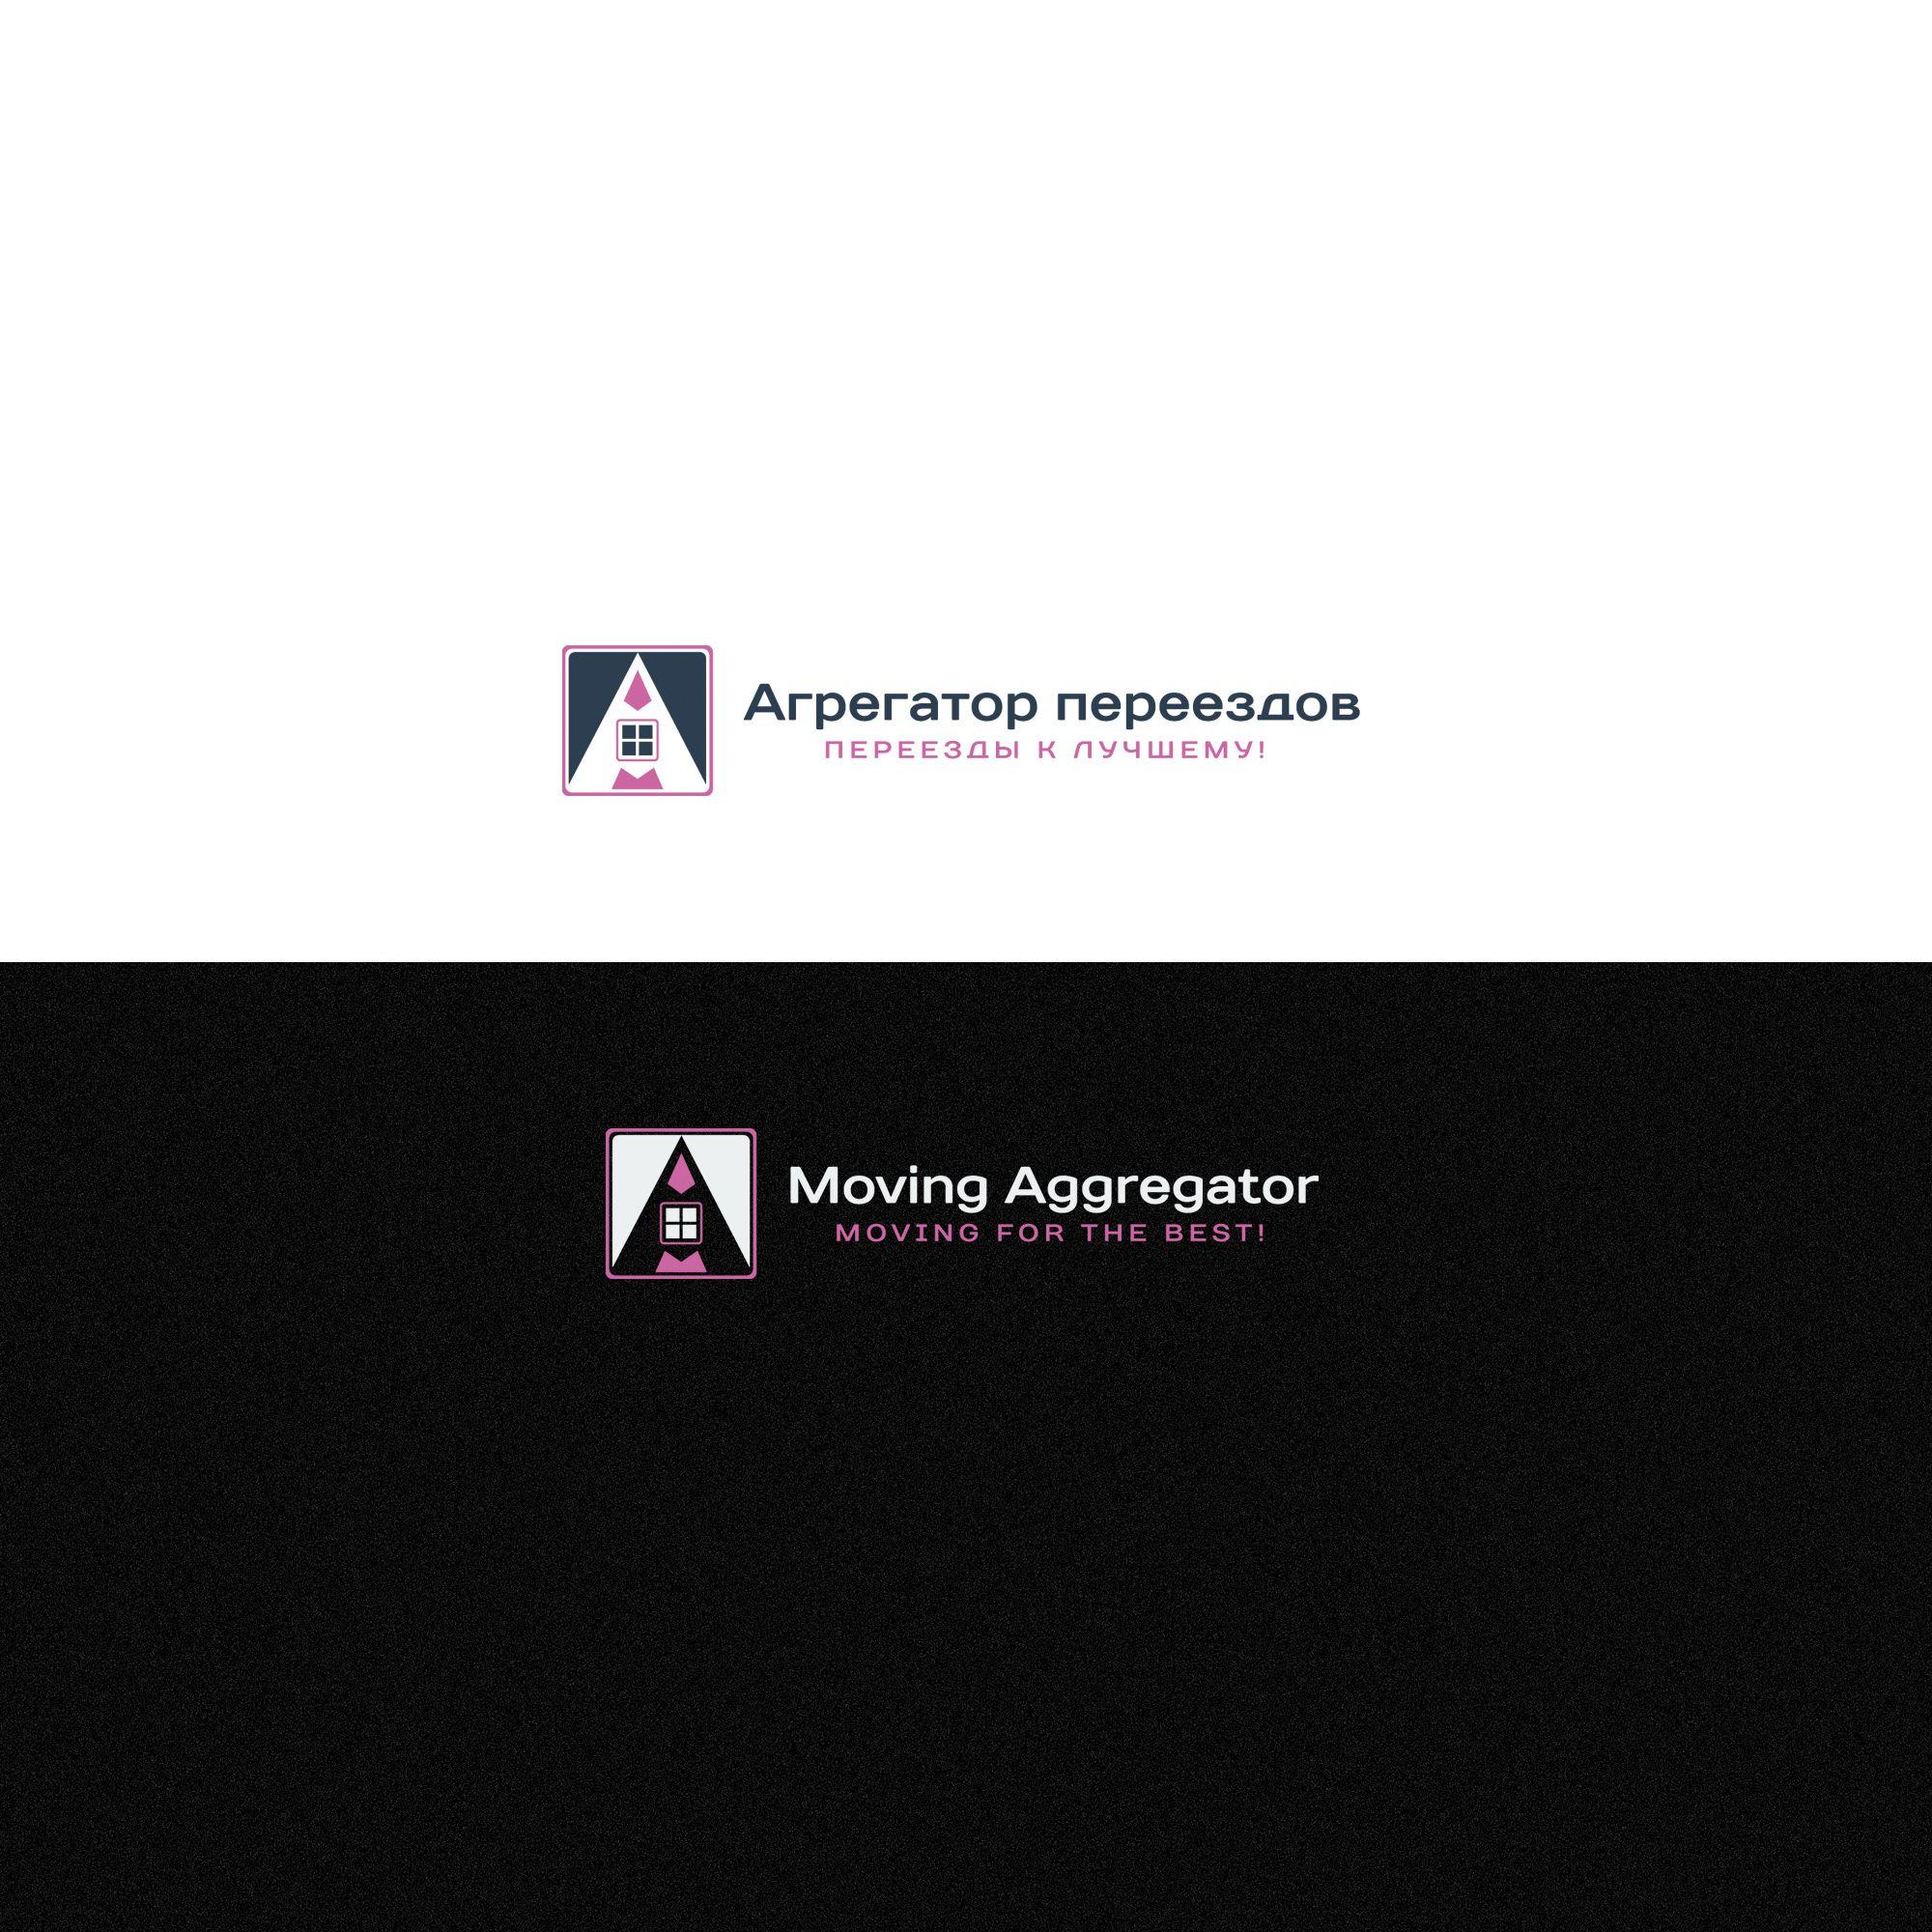 Логотип для компании Агрегатор переездов - дизайнер Gas-Min